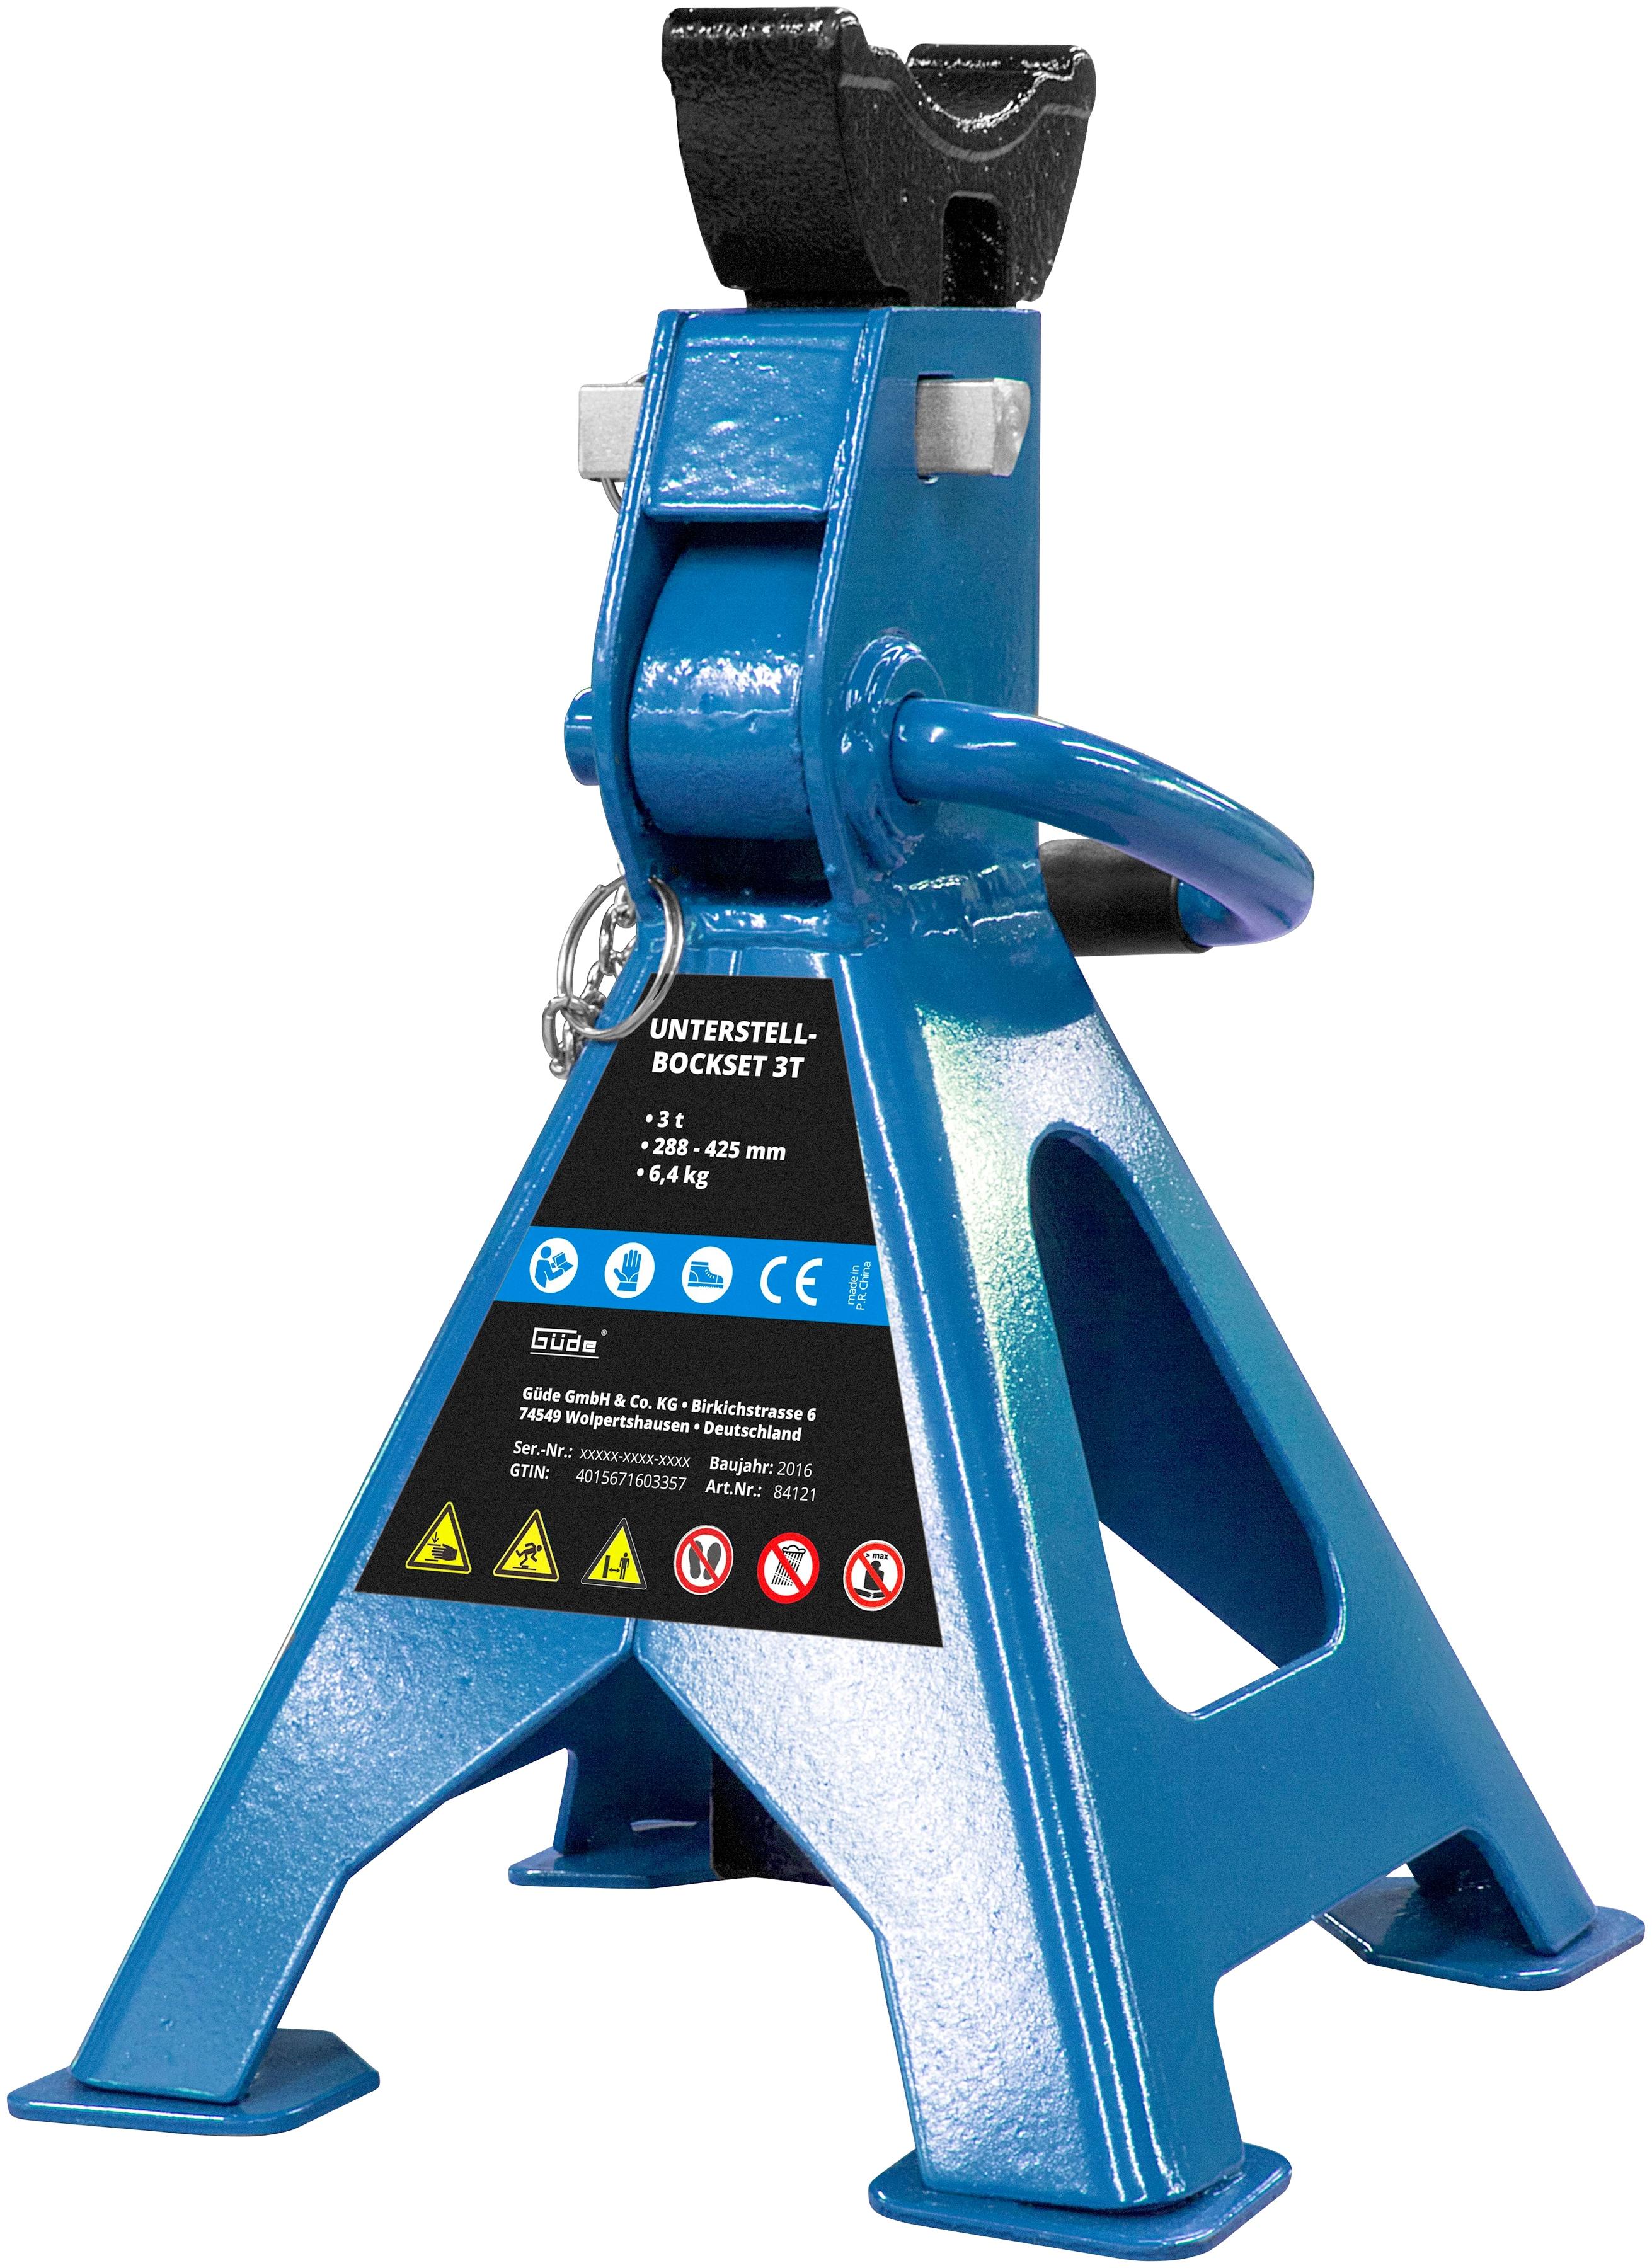 Güde Unterstellbock, Tragkraft je 3 Tonnen blau Wartung Werkstatt Autozubehör Reifen Unterstellbock